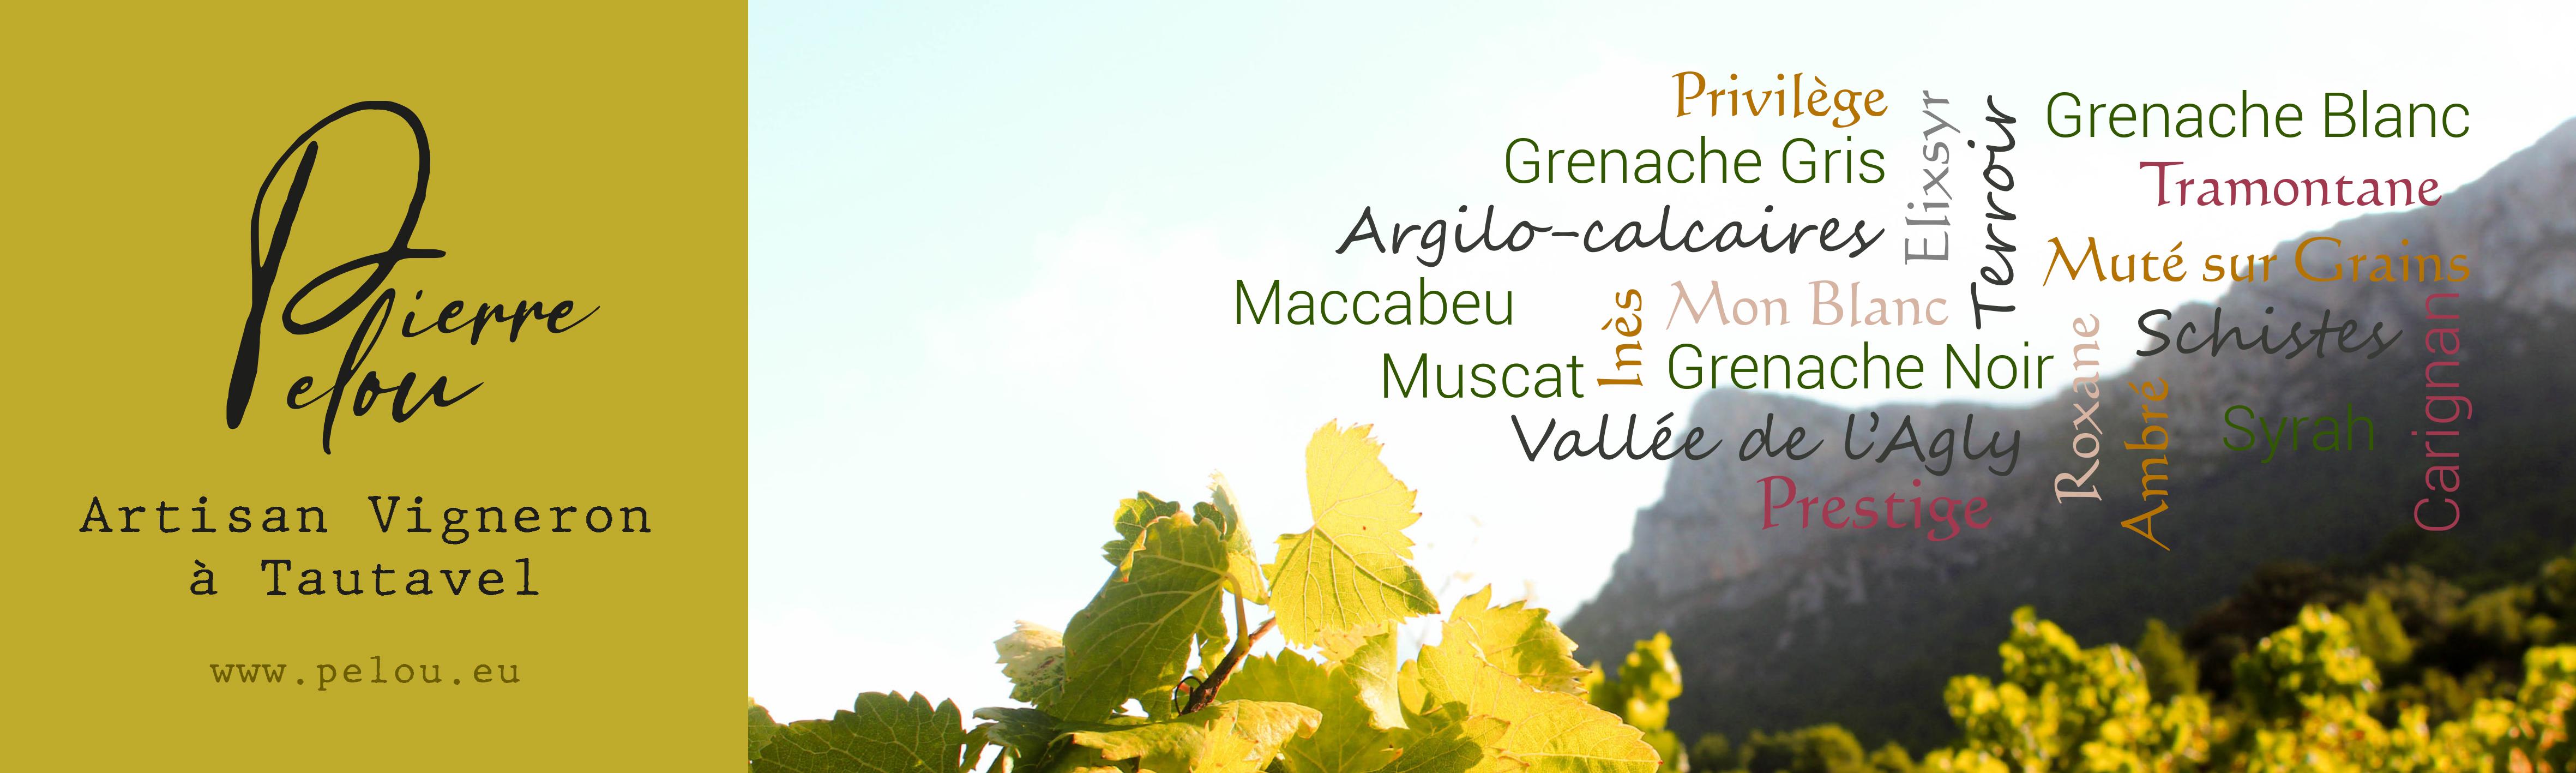 Domaine Pierre PELOU Boutique en ligne vins de Tautavel Vigneron indépendant culture Biologique